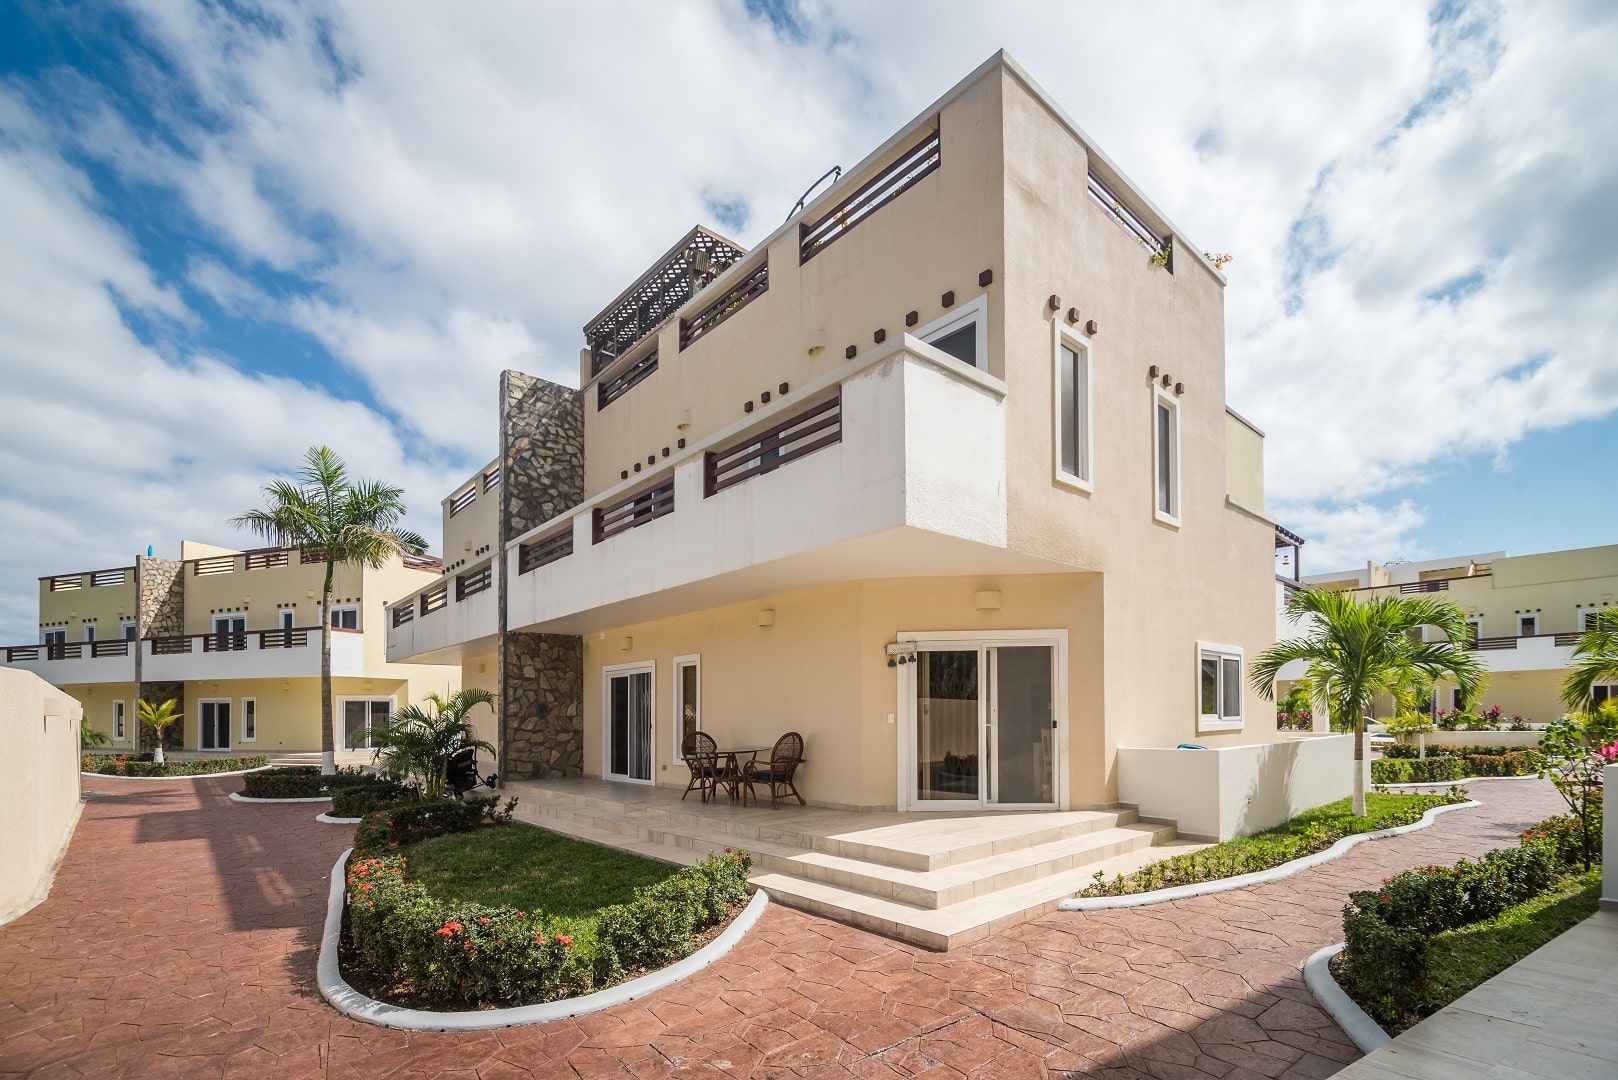 Villa 0230 Las Palmas, Roatan